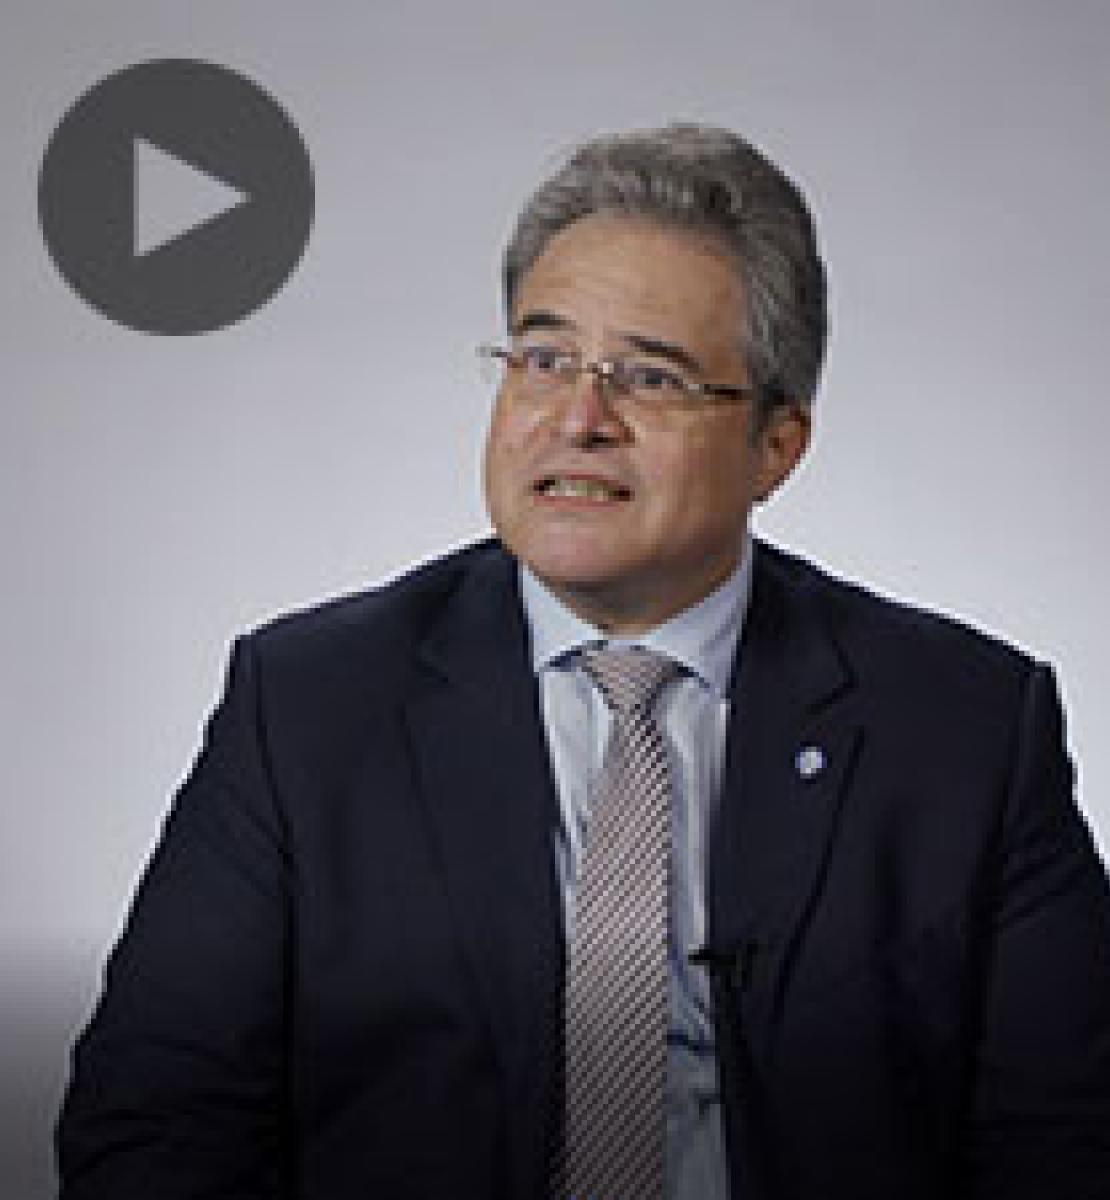 Screenshot from video message shows Resident Coordinator, Tarek Elsheikh